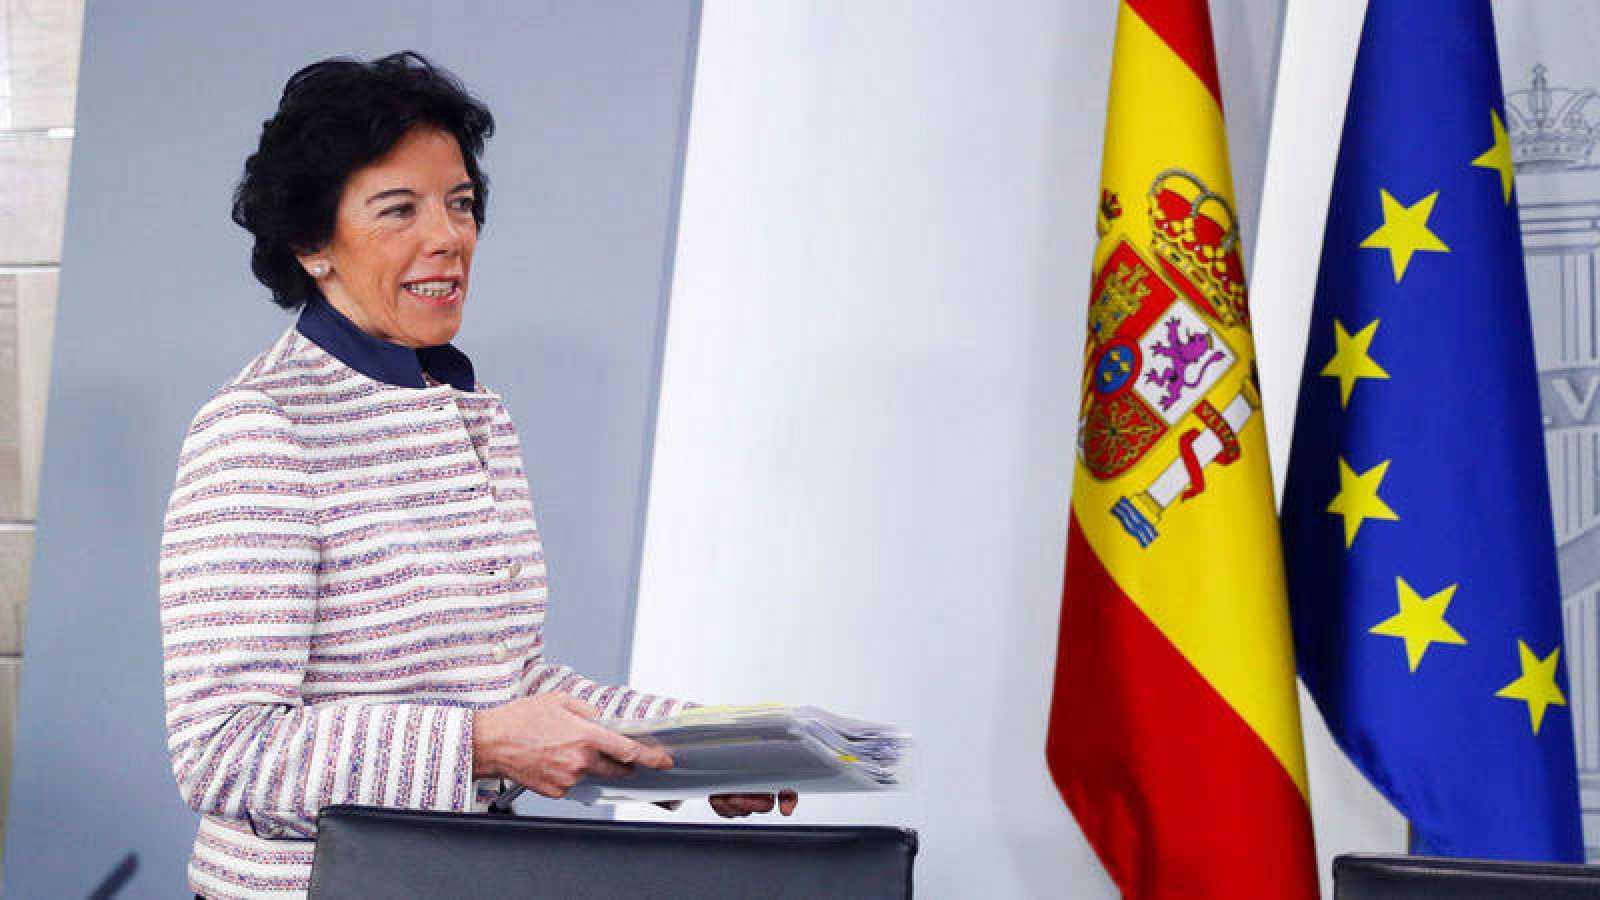 La ministra portavoz Isabel Celaá durante una rueda de prensa